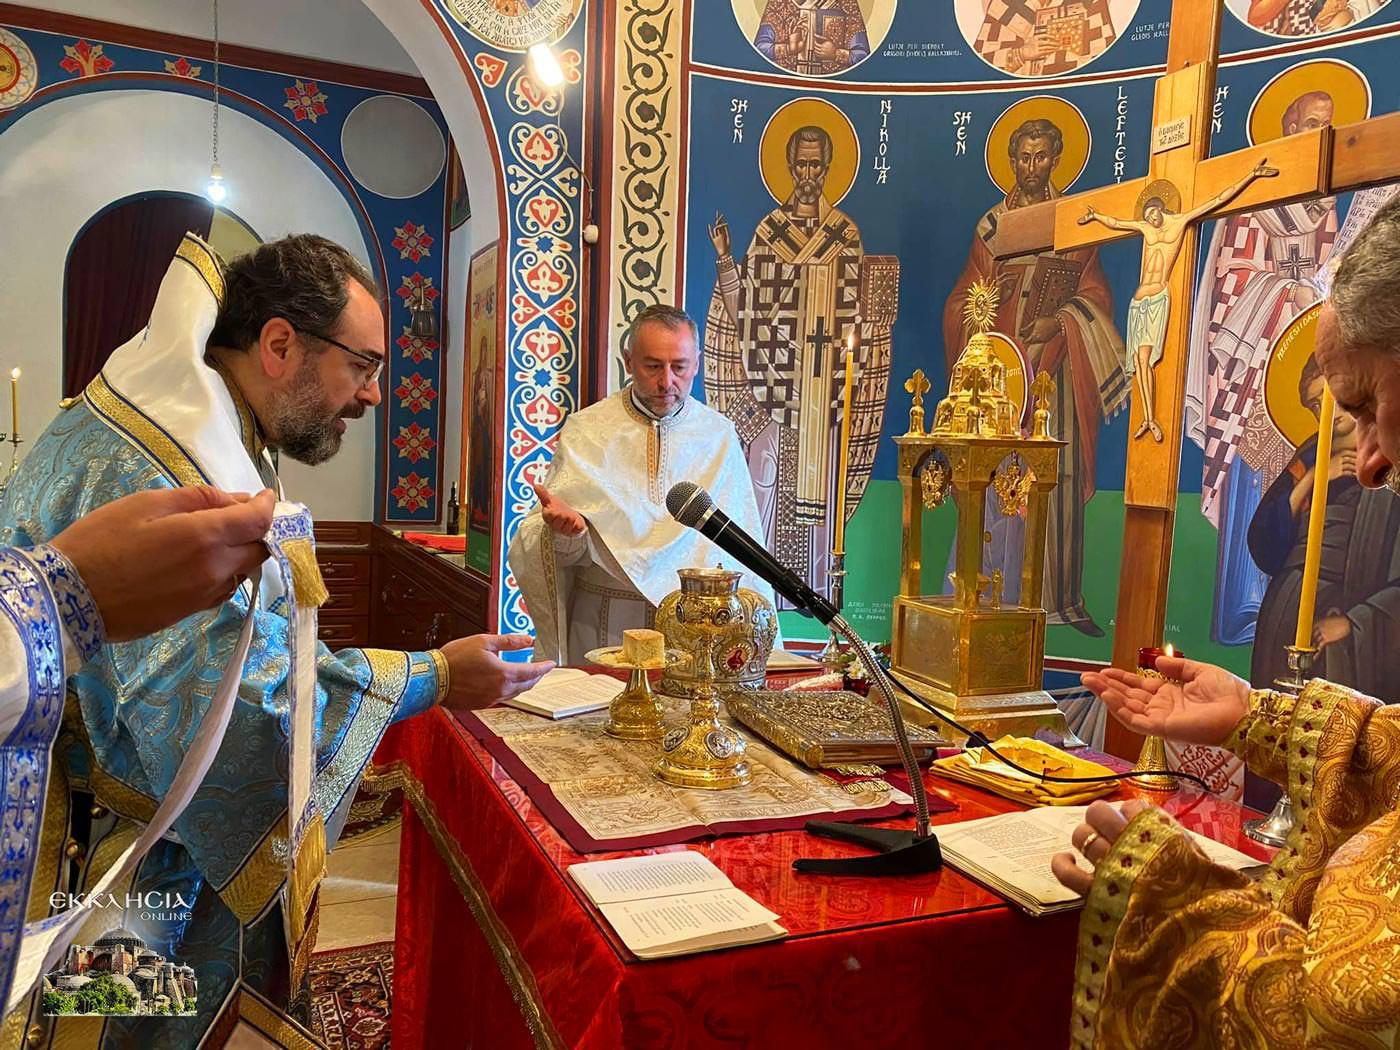 Εκκλησία Αλβανίας ονομαστήρια του Μητροπολίτη Ελμπασάν Αντωνίου